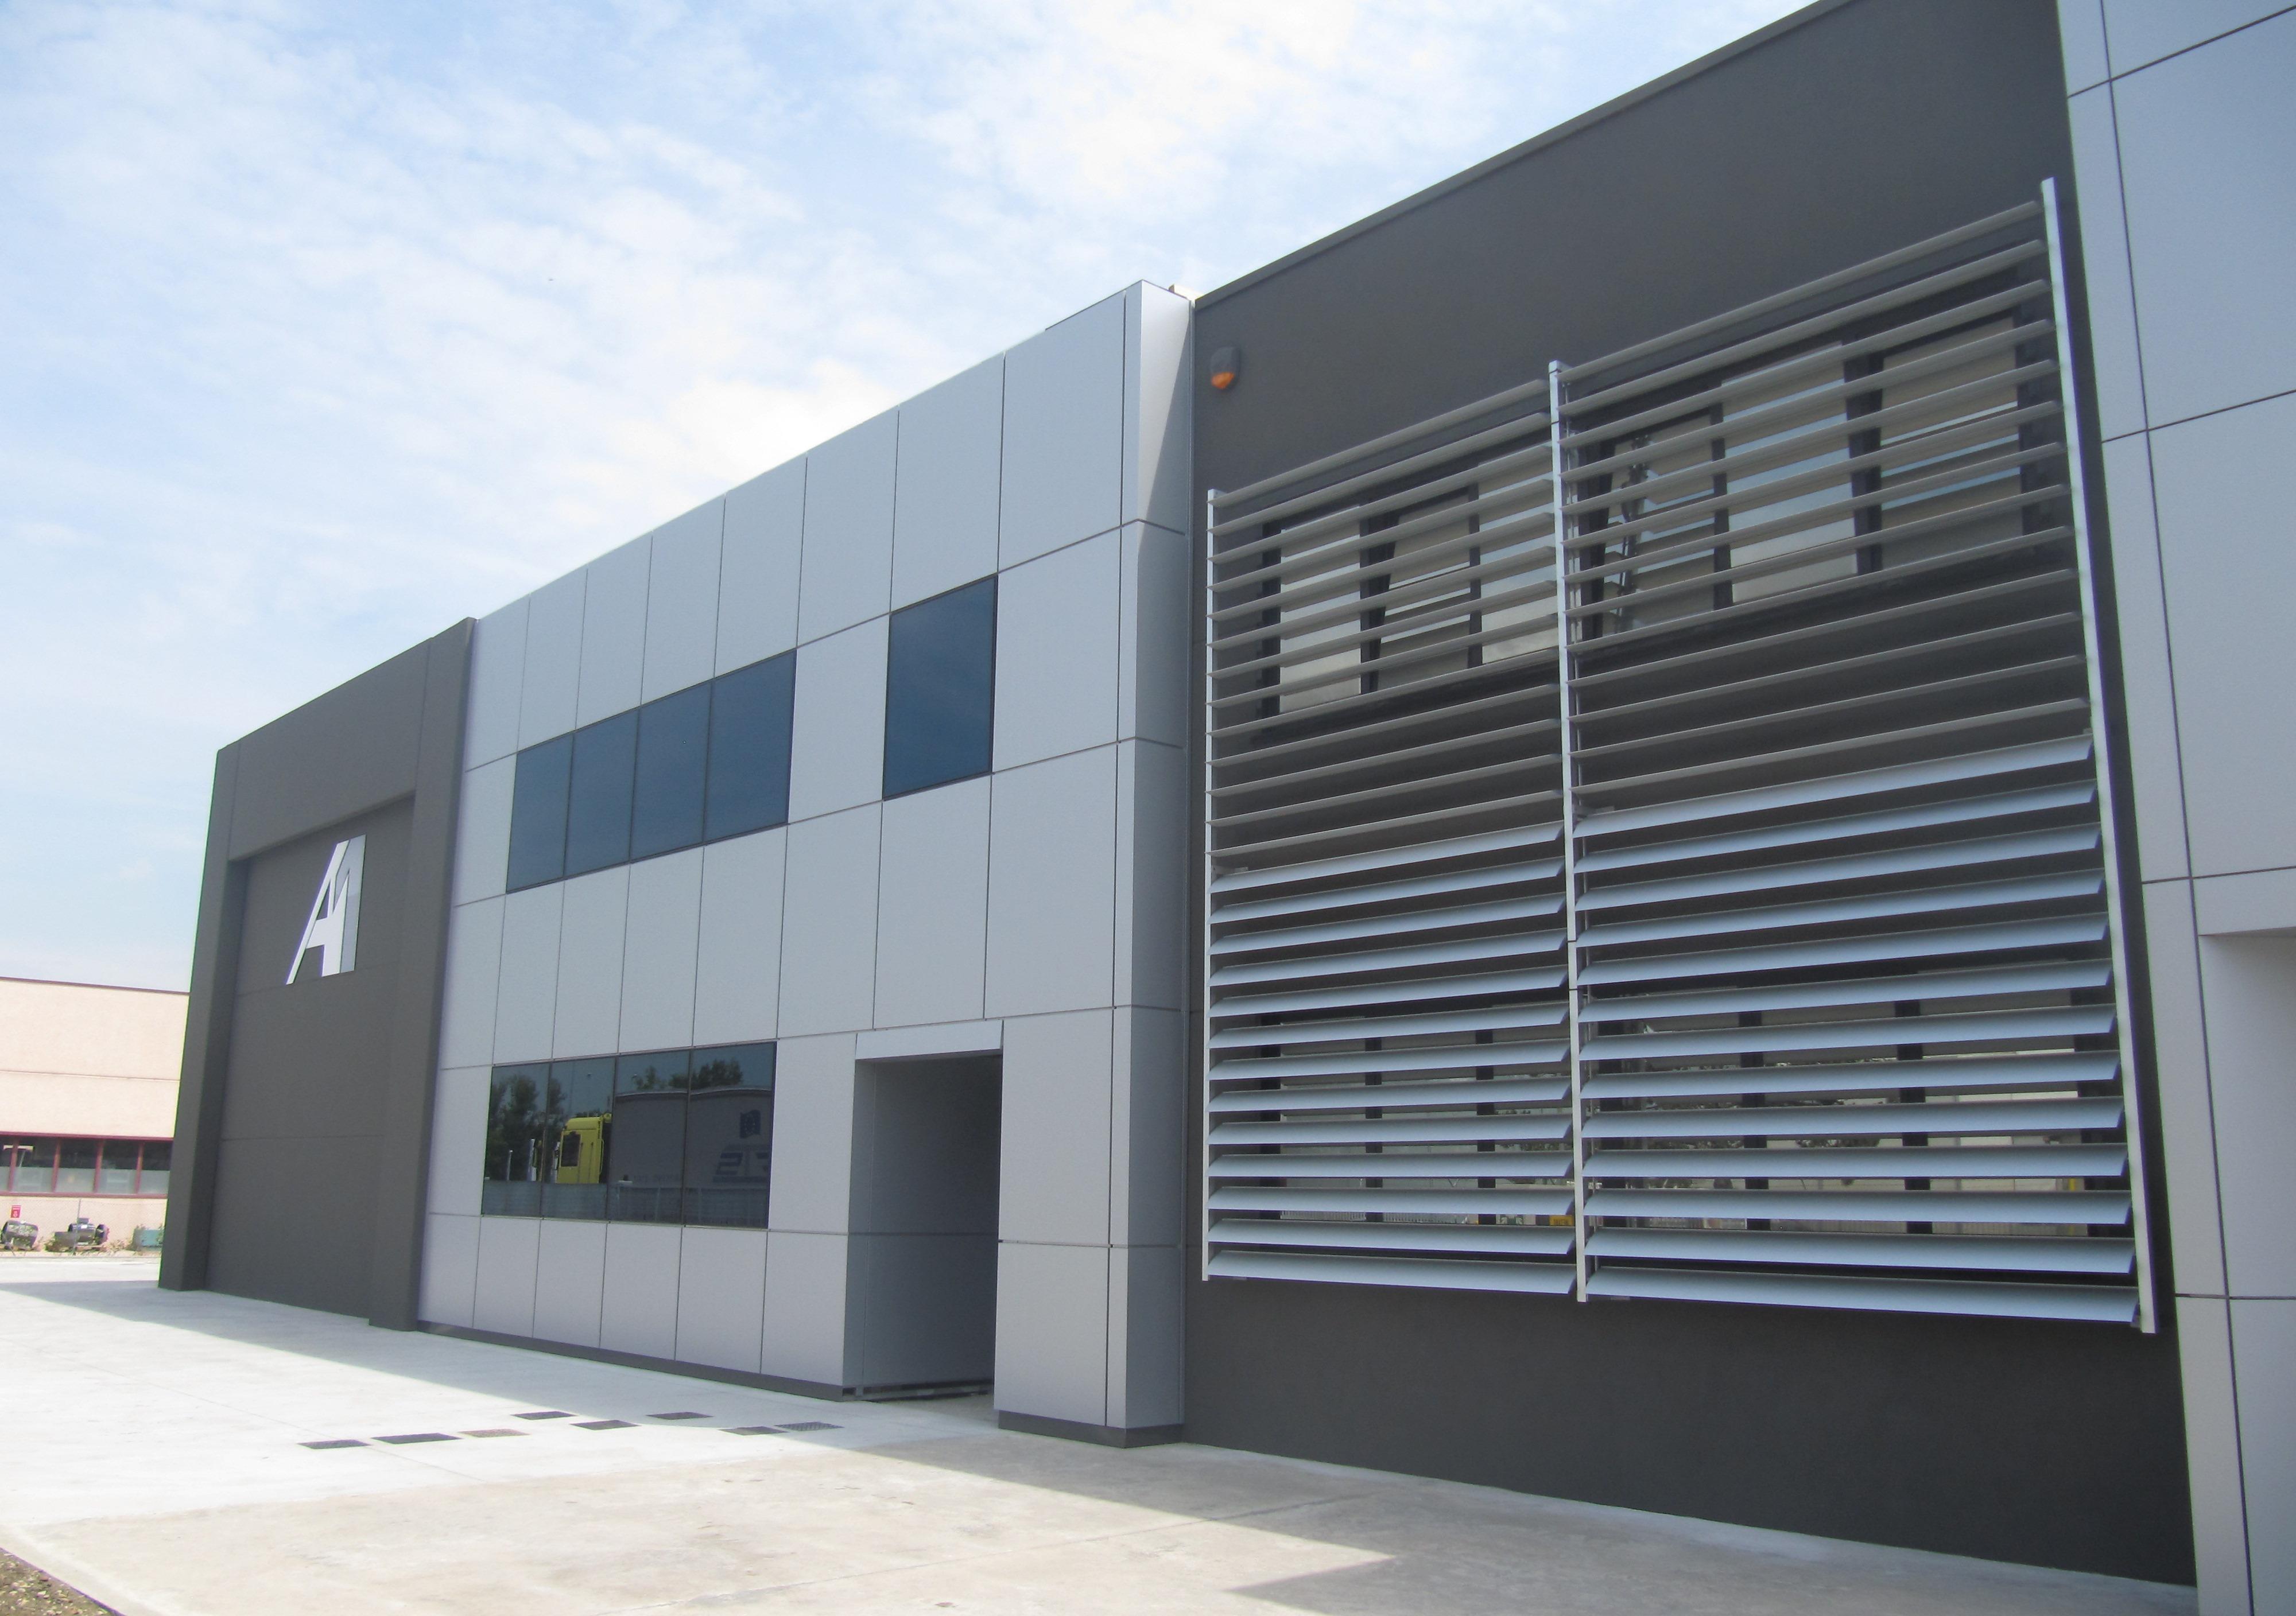 Studio A+ Srl - Progettazione di Impianti Tecnologici